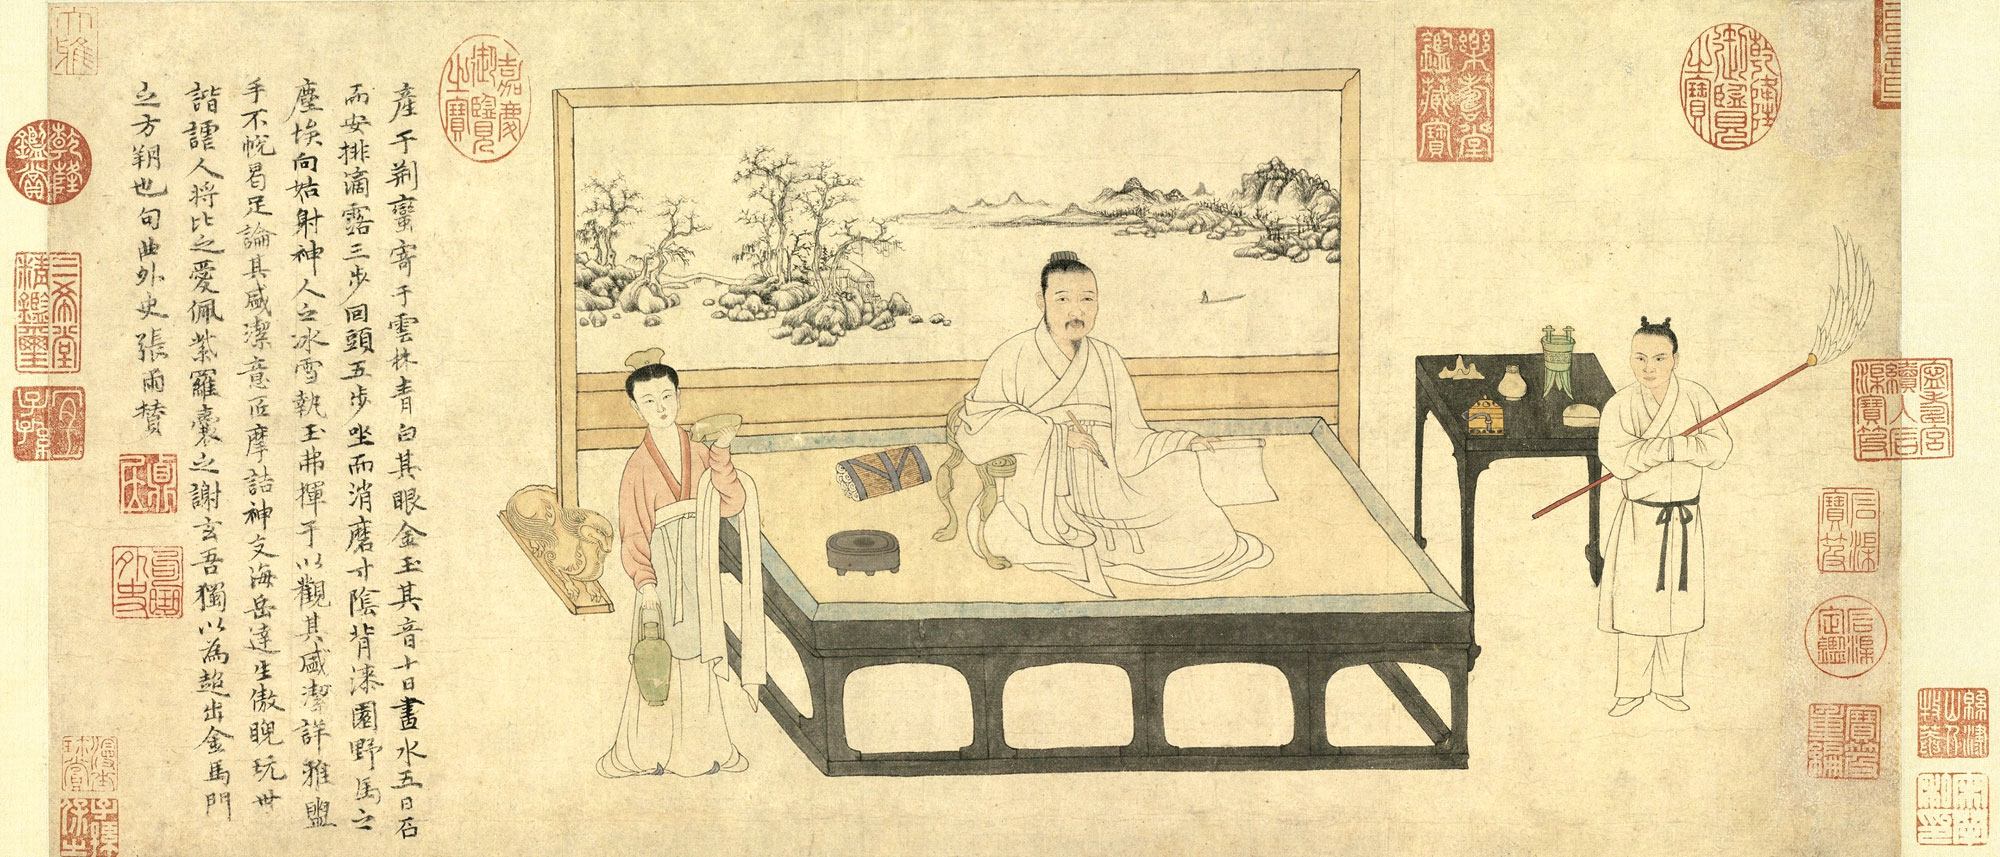 據張雨(1283~1350)題贊,畫中的主角是「元四大家」之一的倪瓚(1301~1374)。(公有領域)